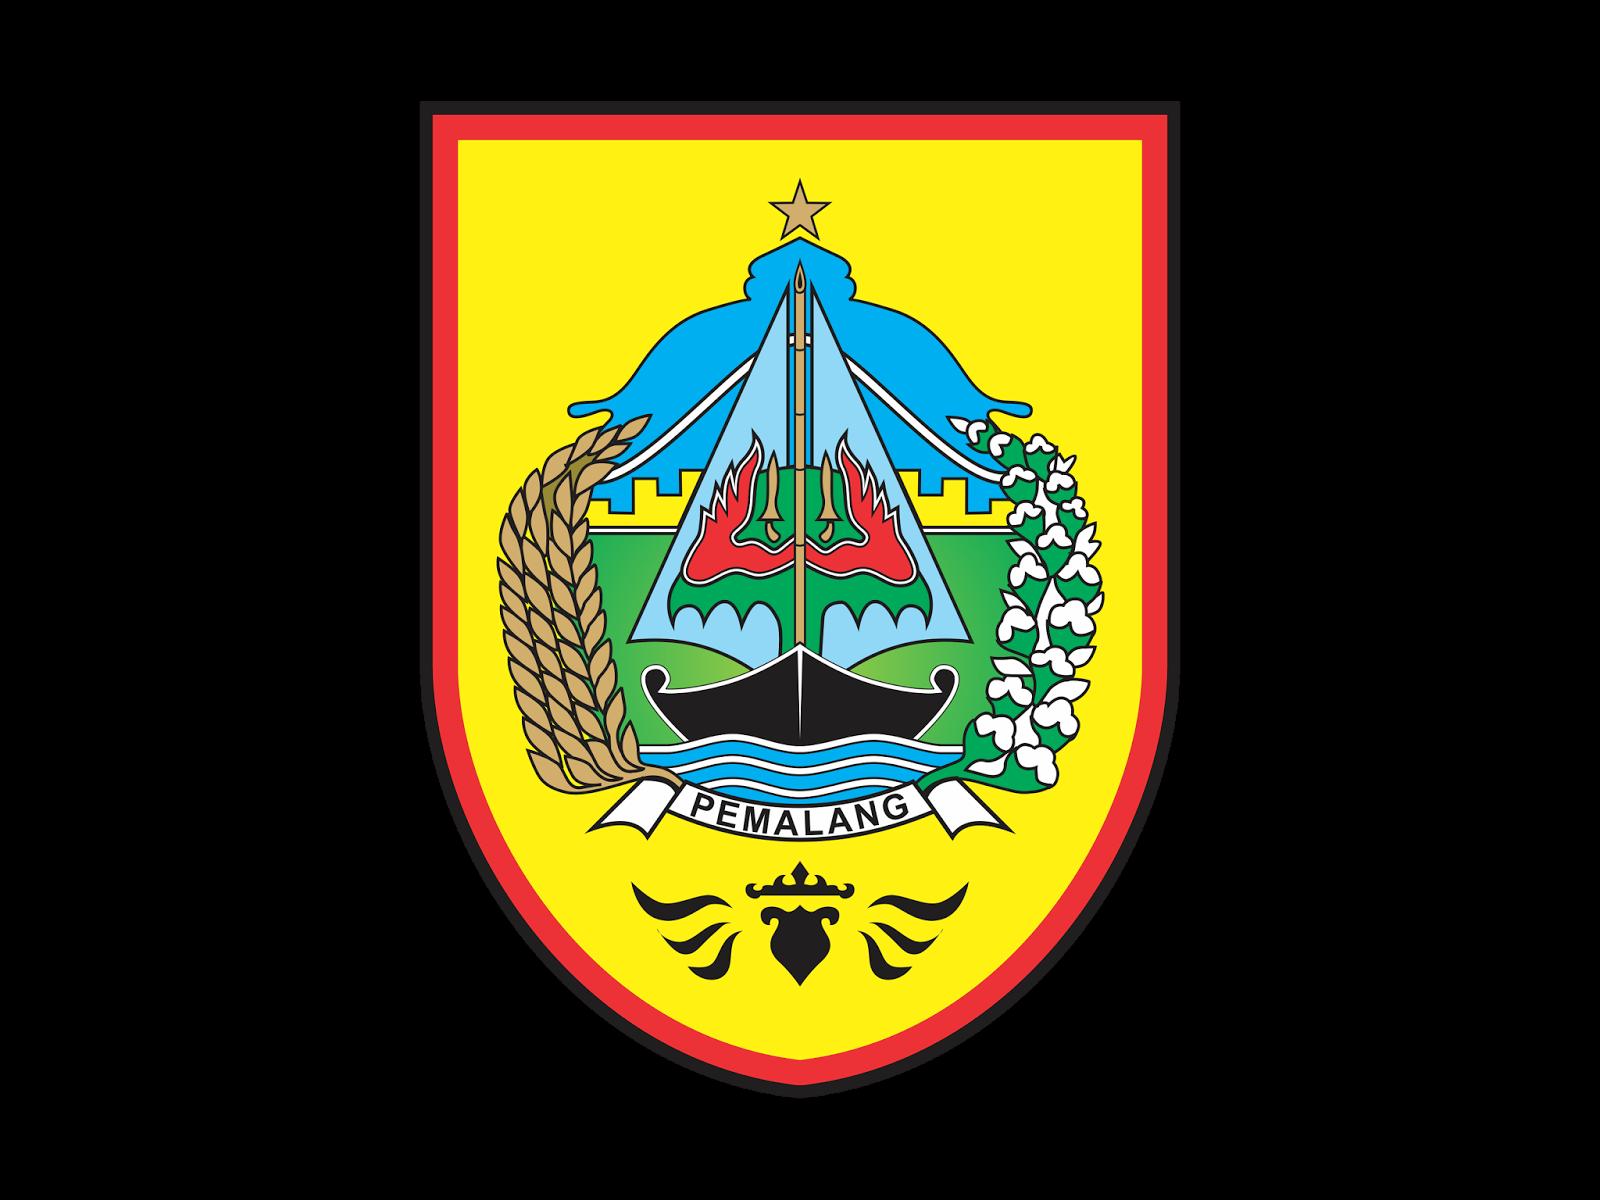 logo kabupaten pemalang format png dan cdr gudril logo